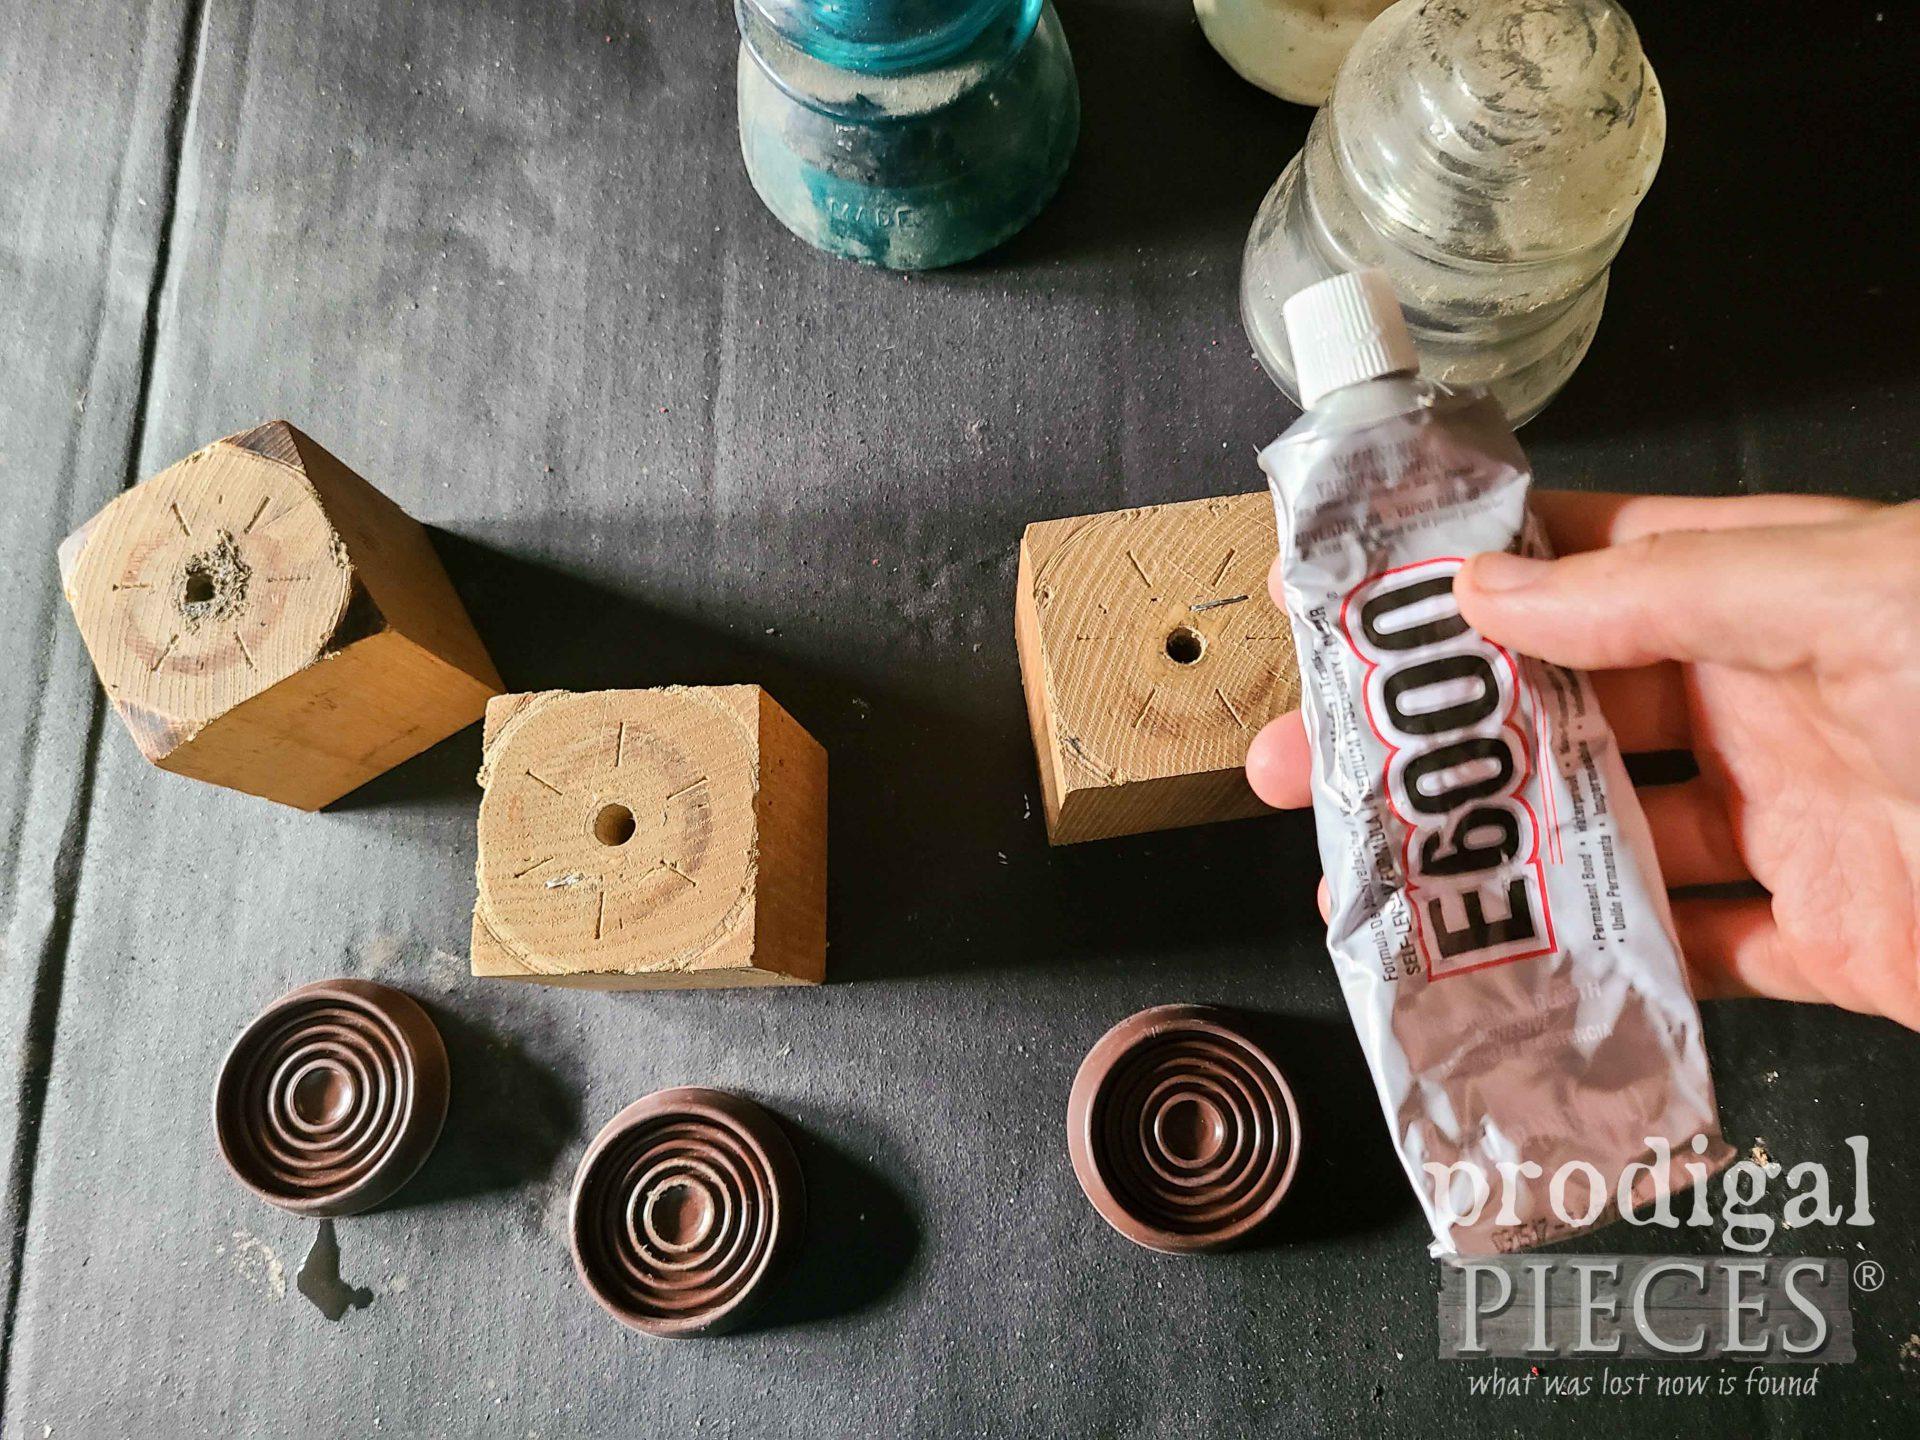 E6000 Glue for Upcycled Antique Insulator Candle Holders | prodigalpieces.com